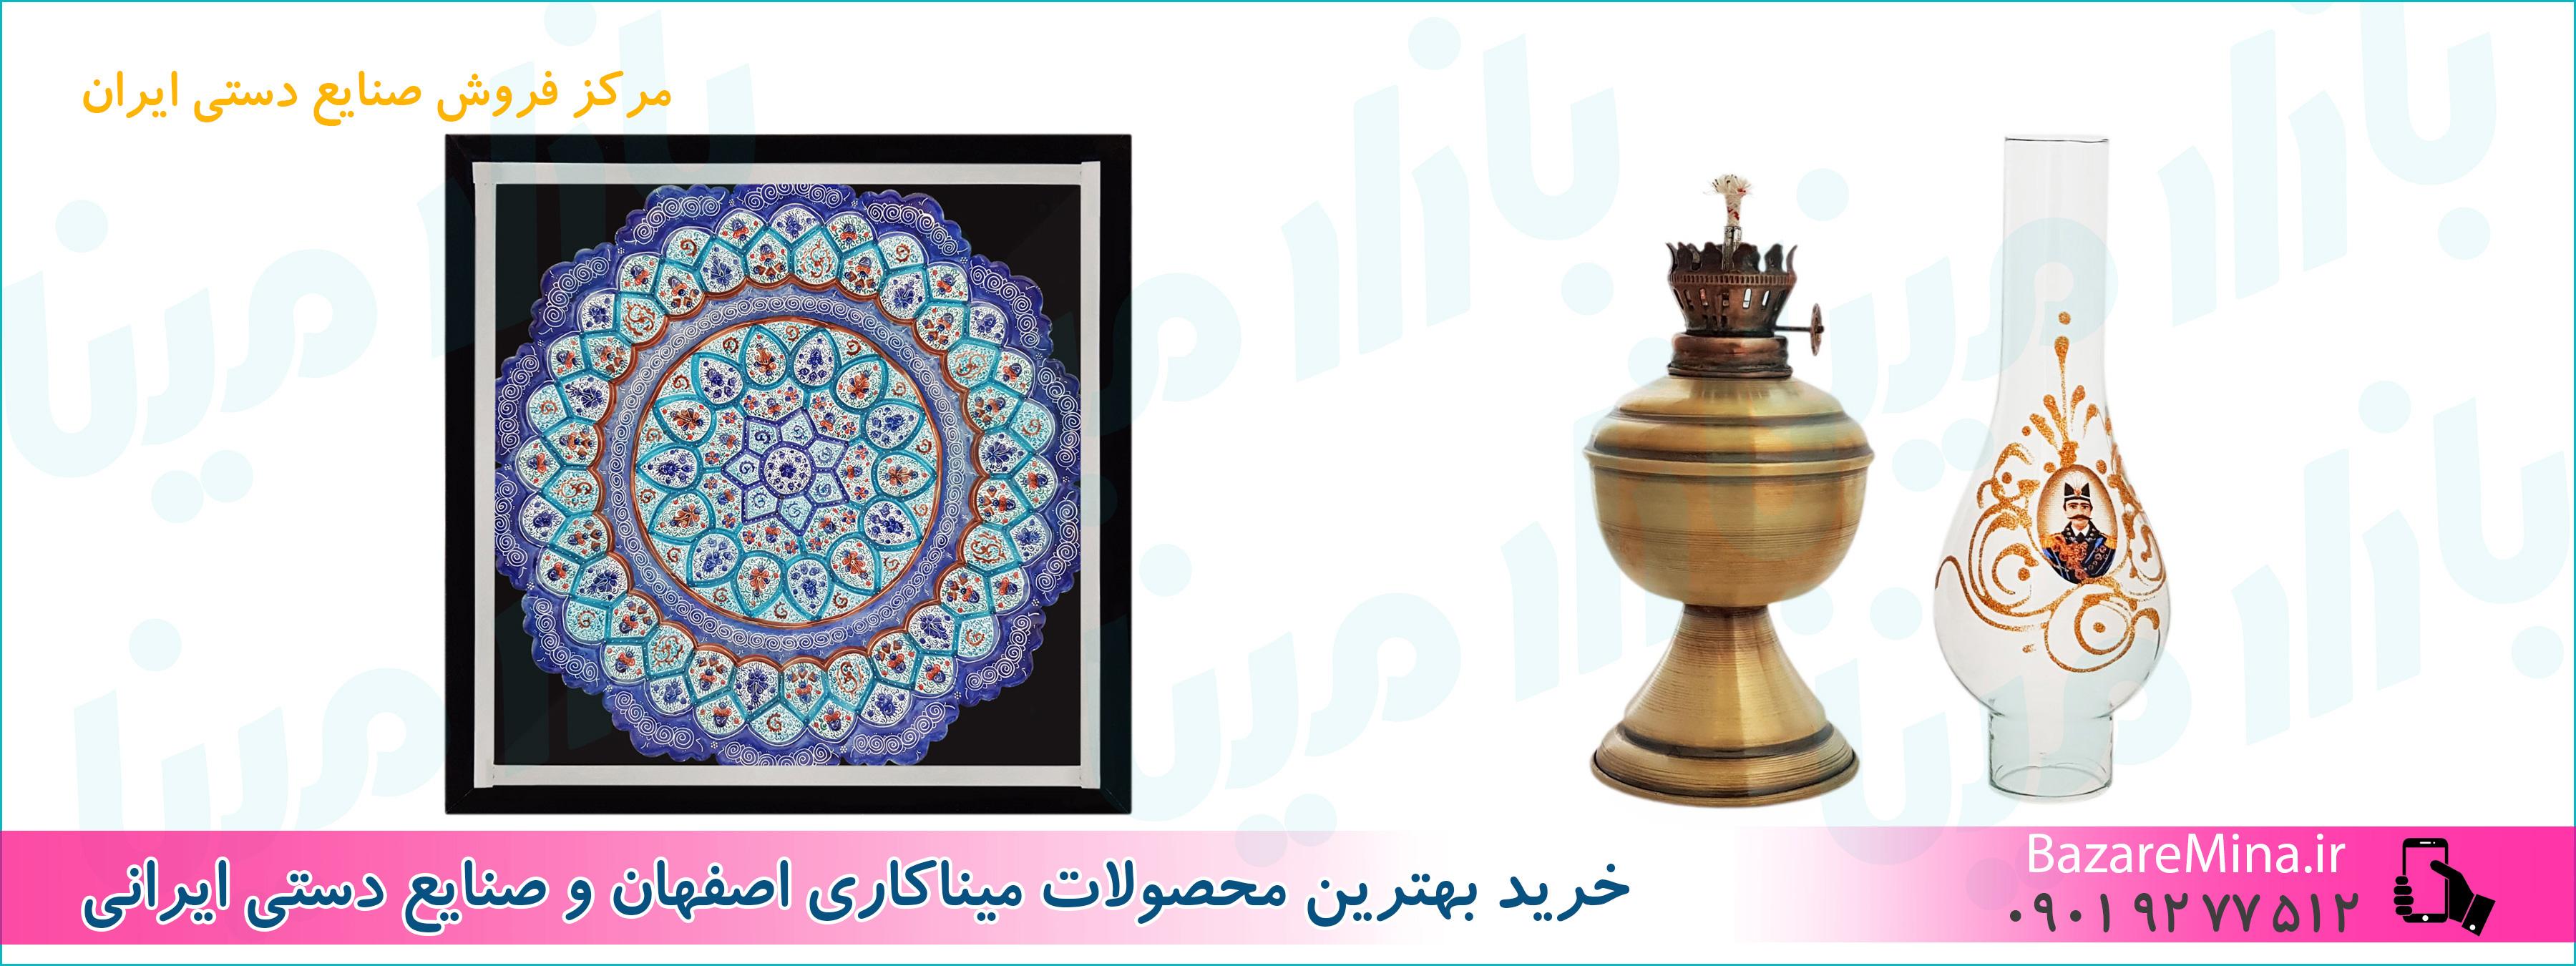 فروش صنایع دستی اصفهانی